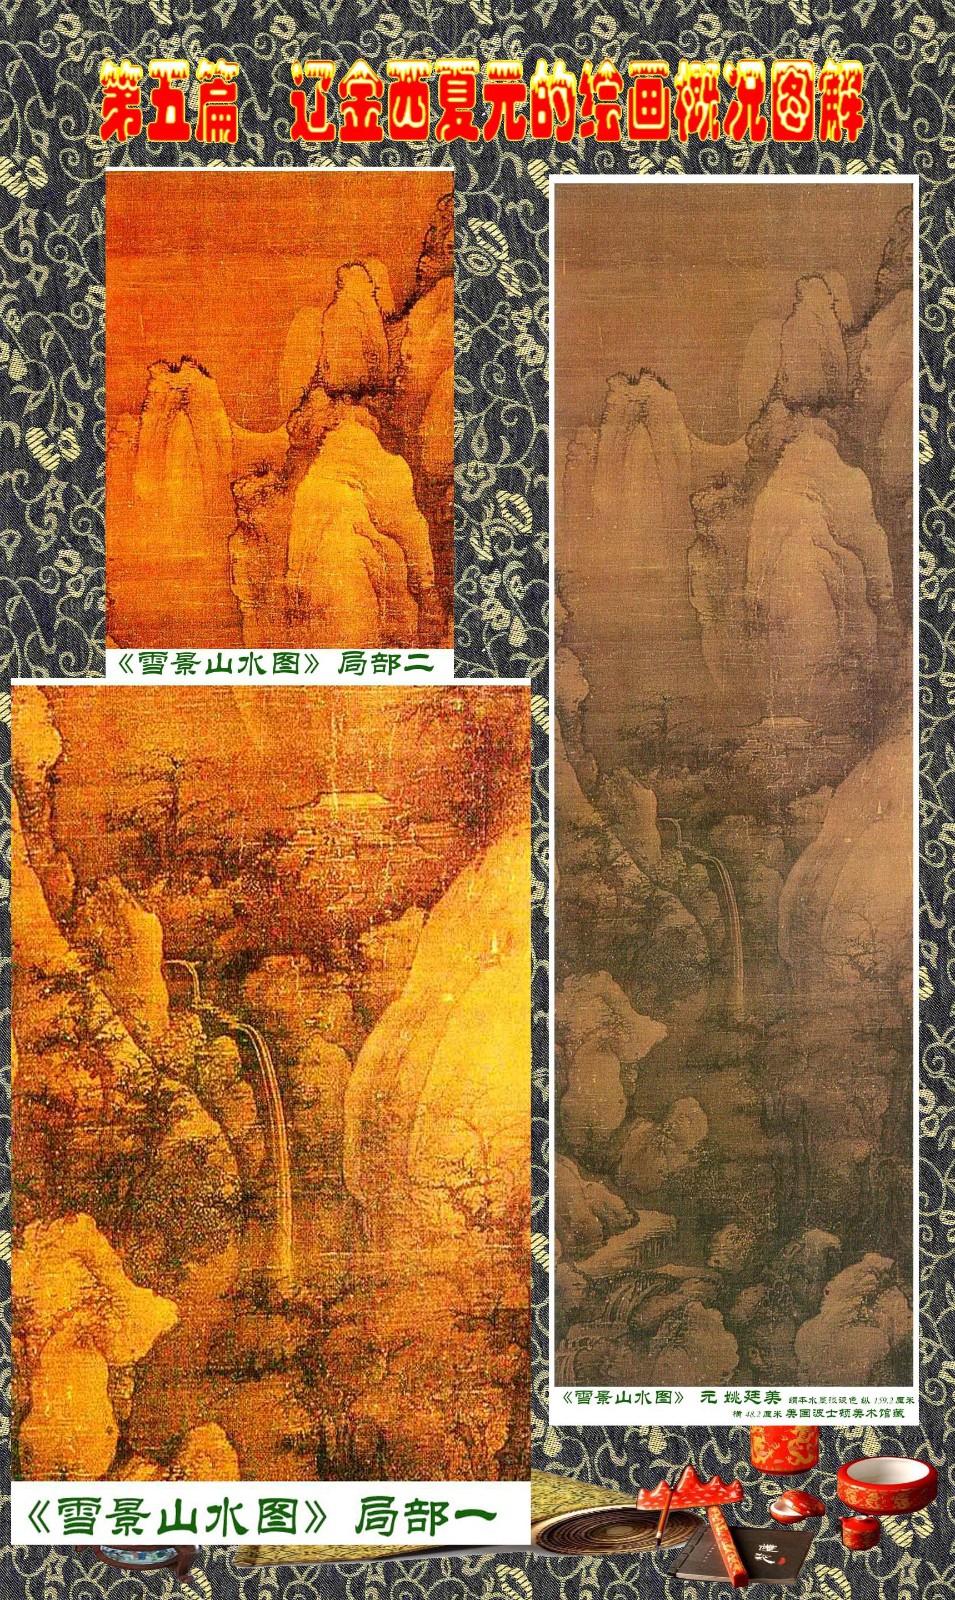 顾绍骅编辑 中国画知识普及版 第五篇 辽金西夏元的绘画概况 下 ... ..._图1-74